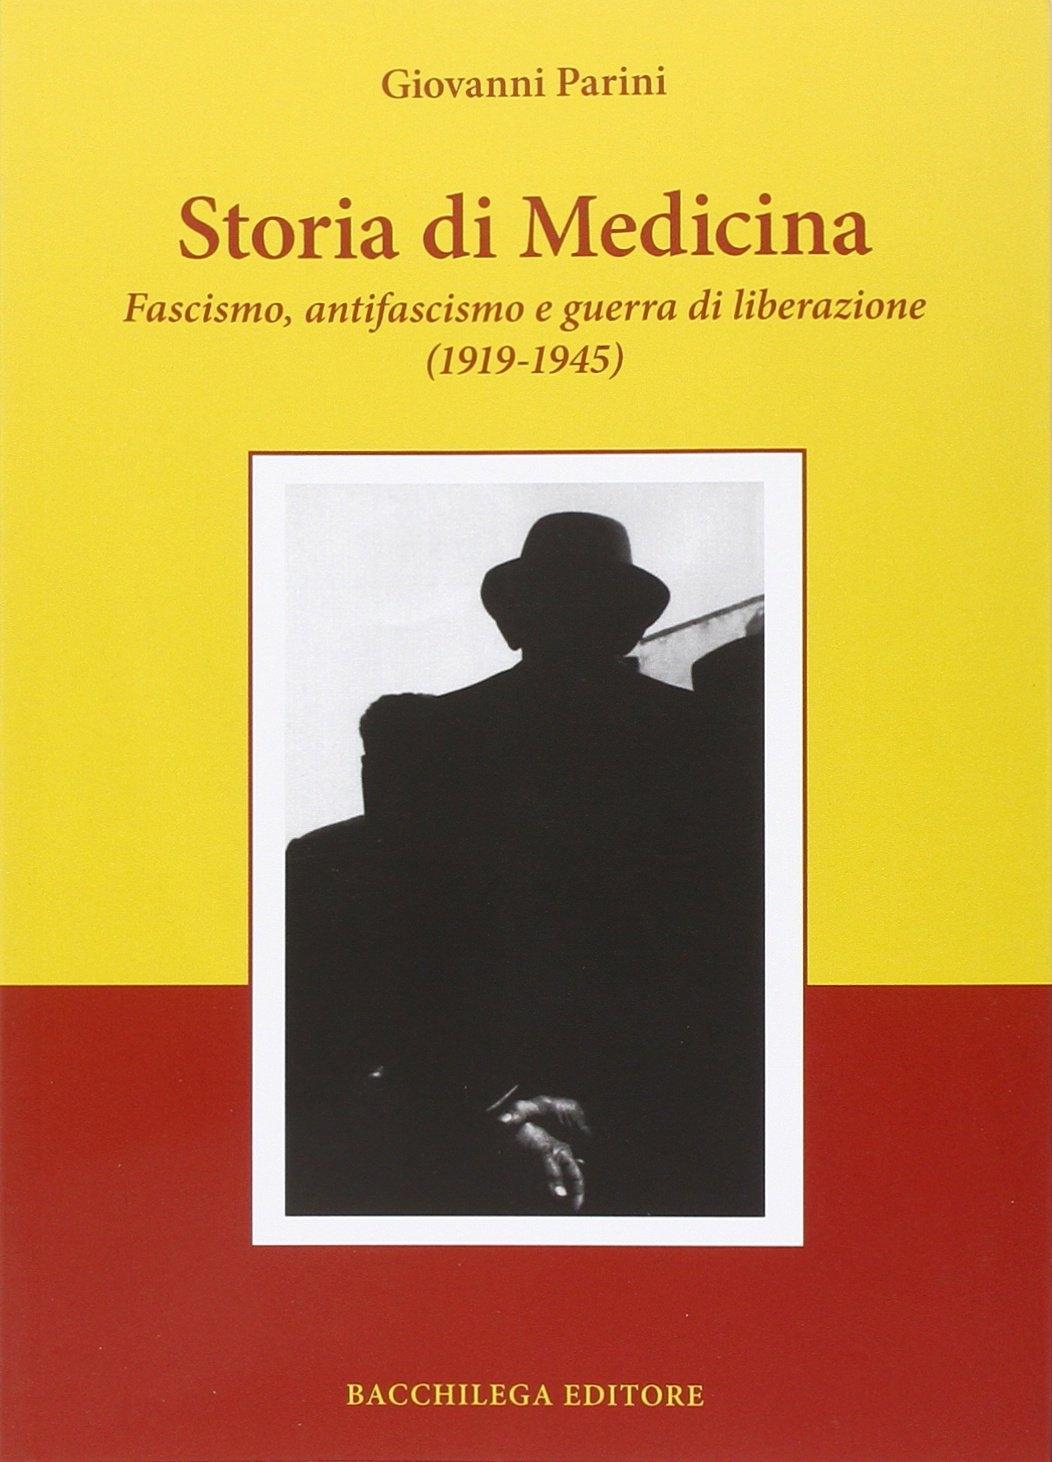 Storia di medicina (1919-1945).